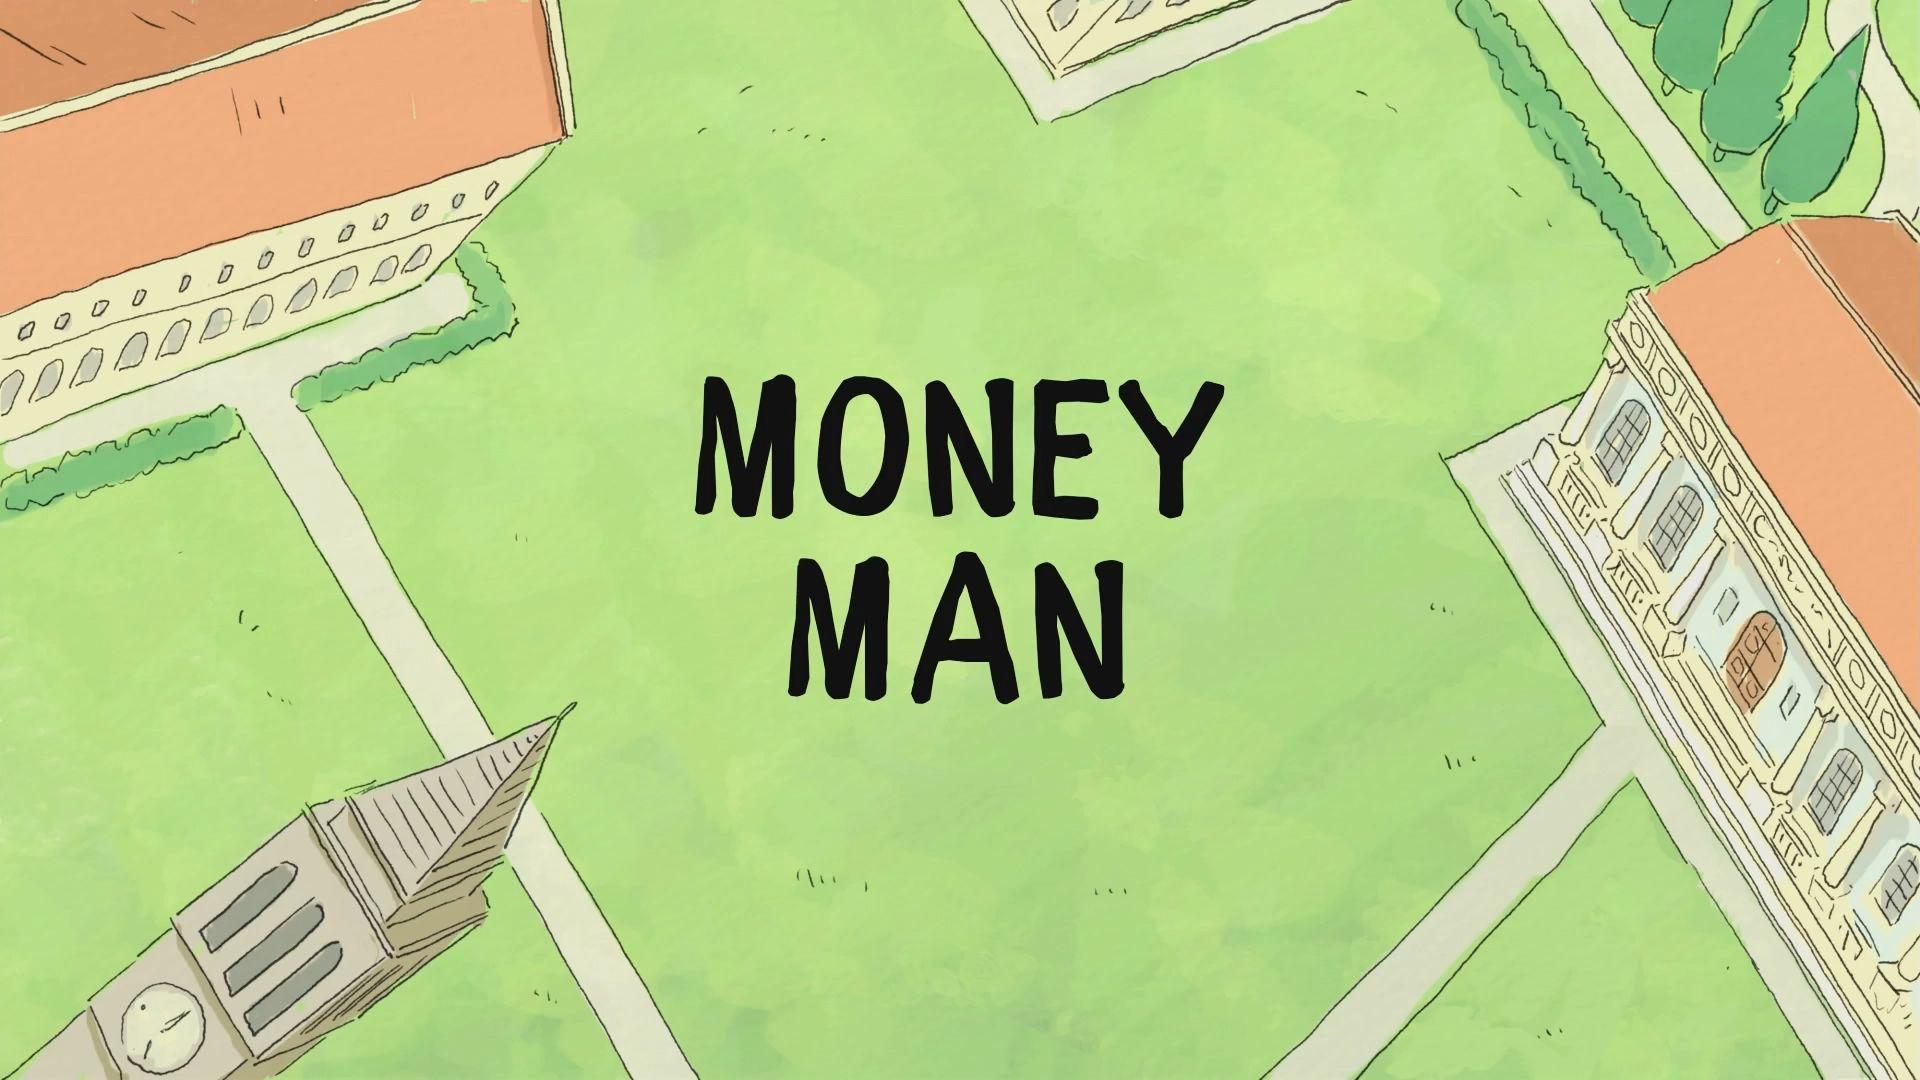 Мы обычные медведи — s04e23 — Money Man